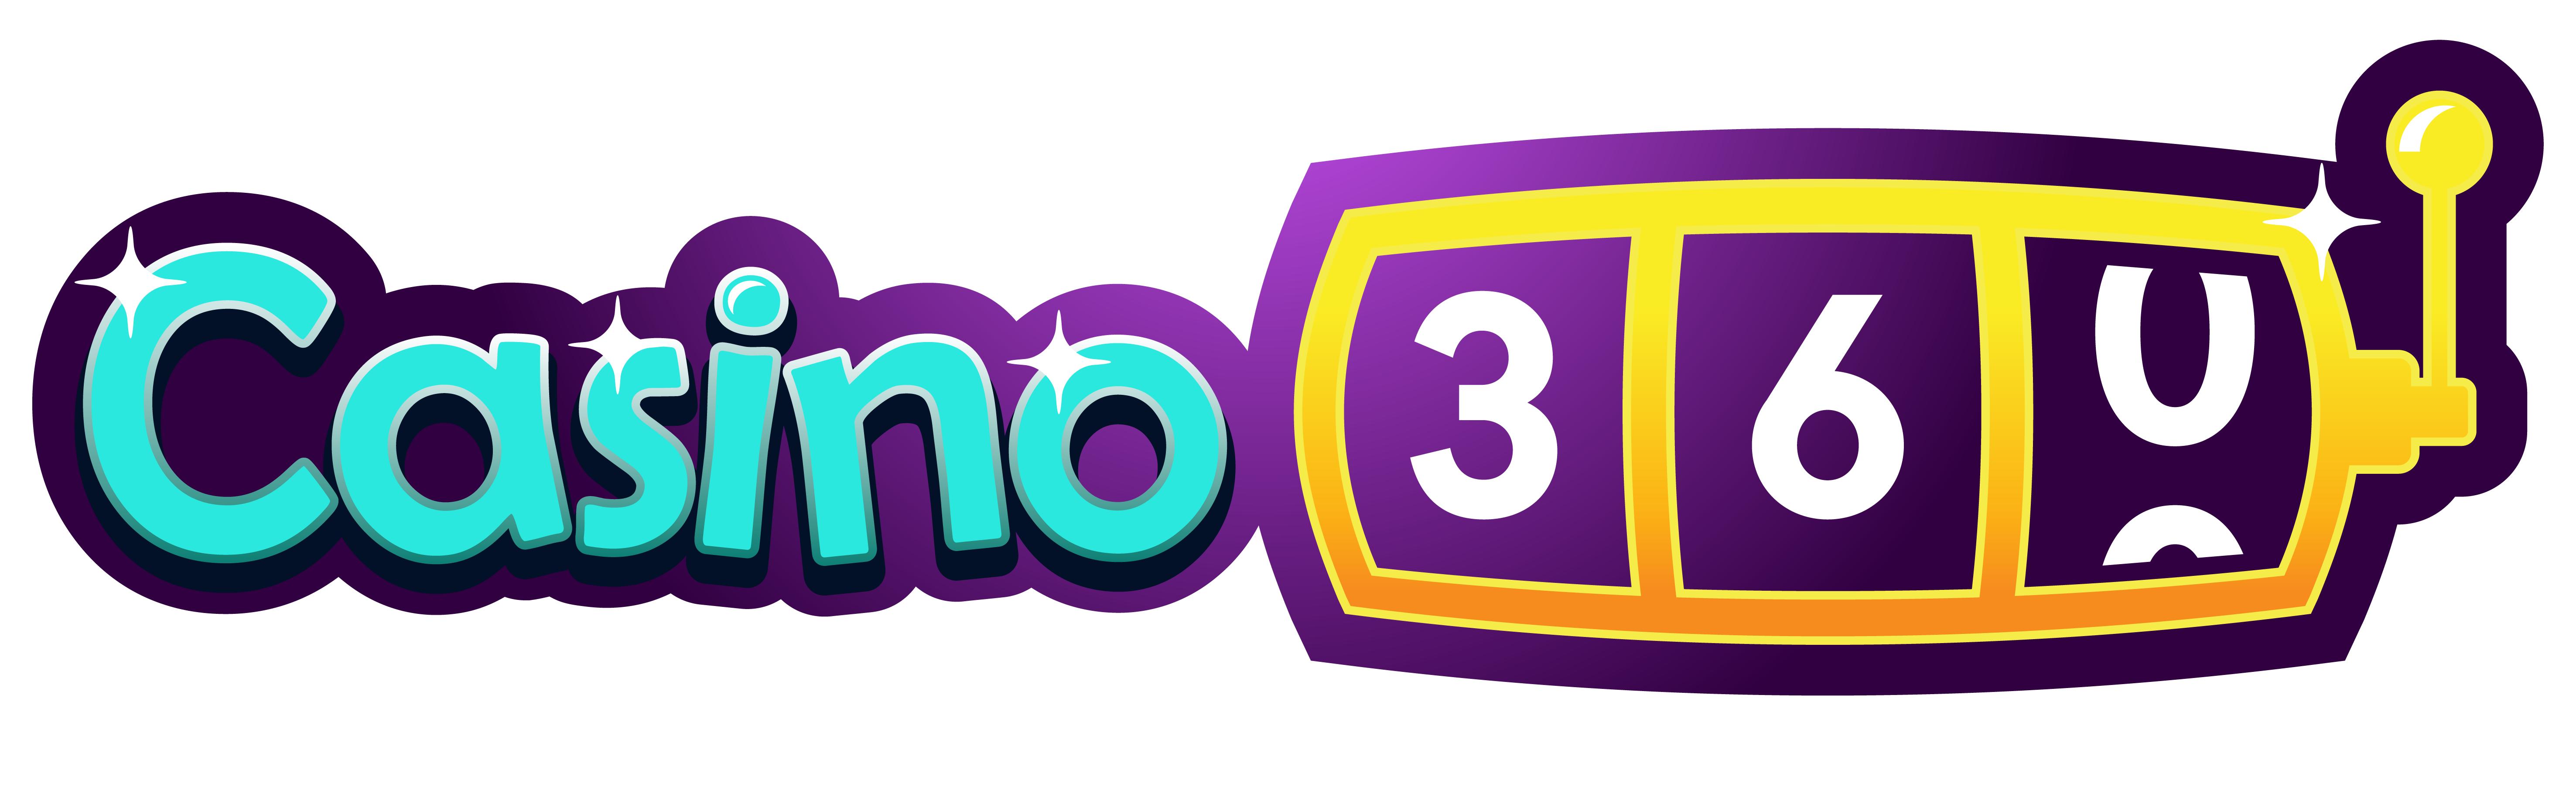 casino360 bet kazino logo